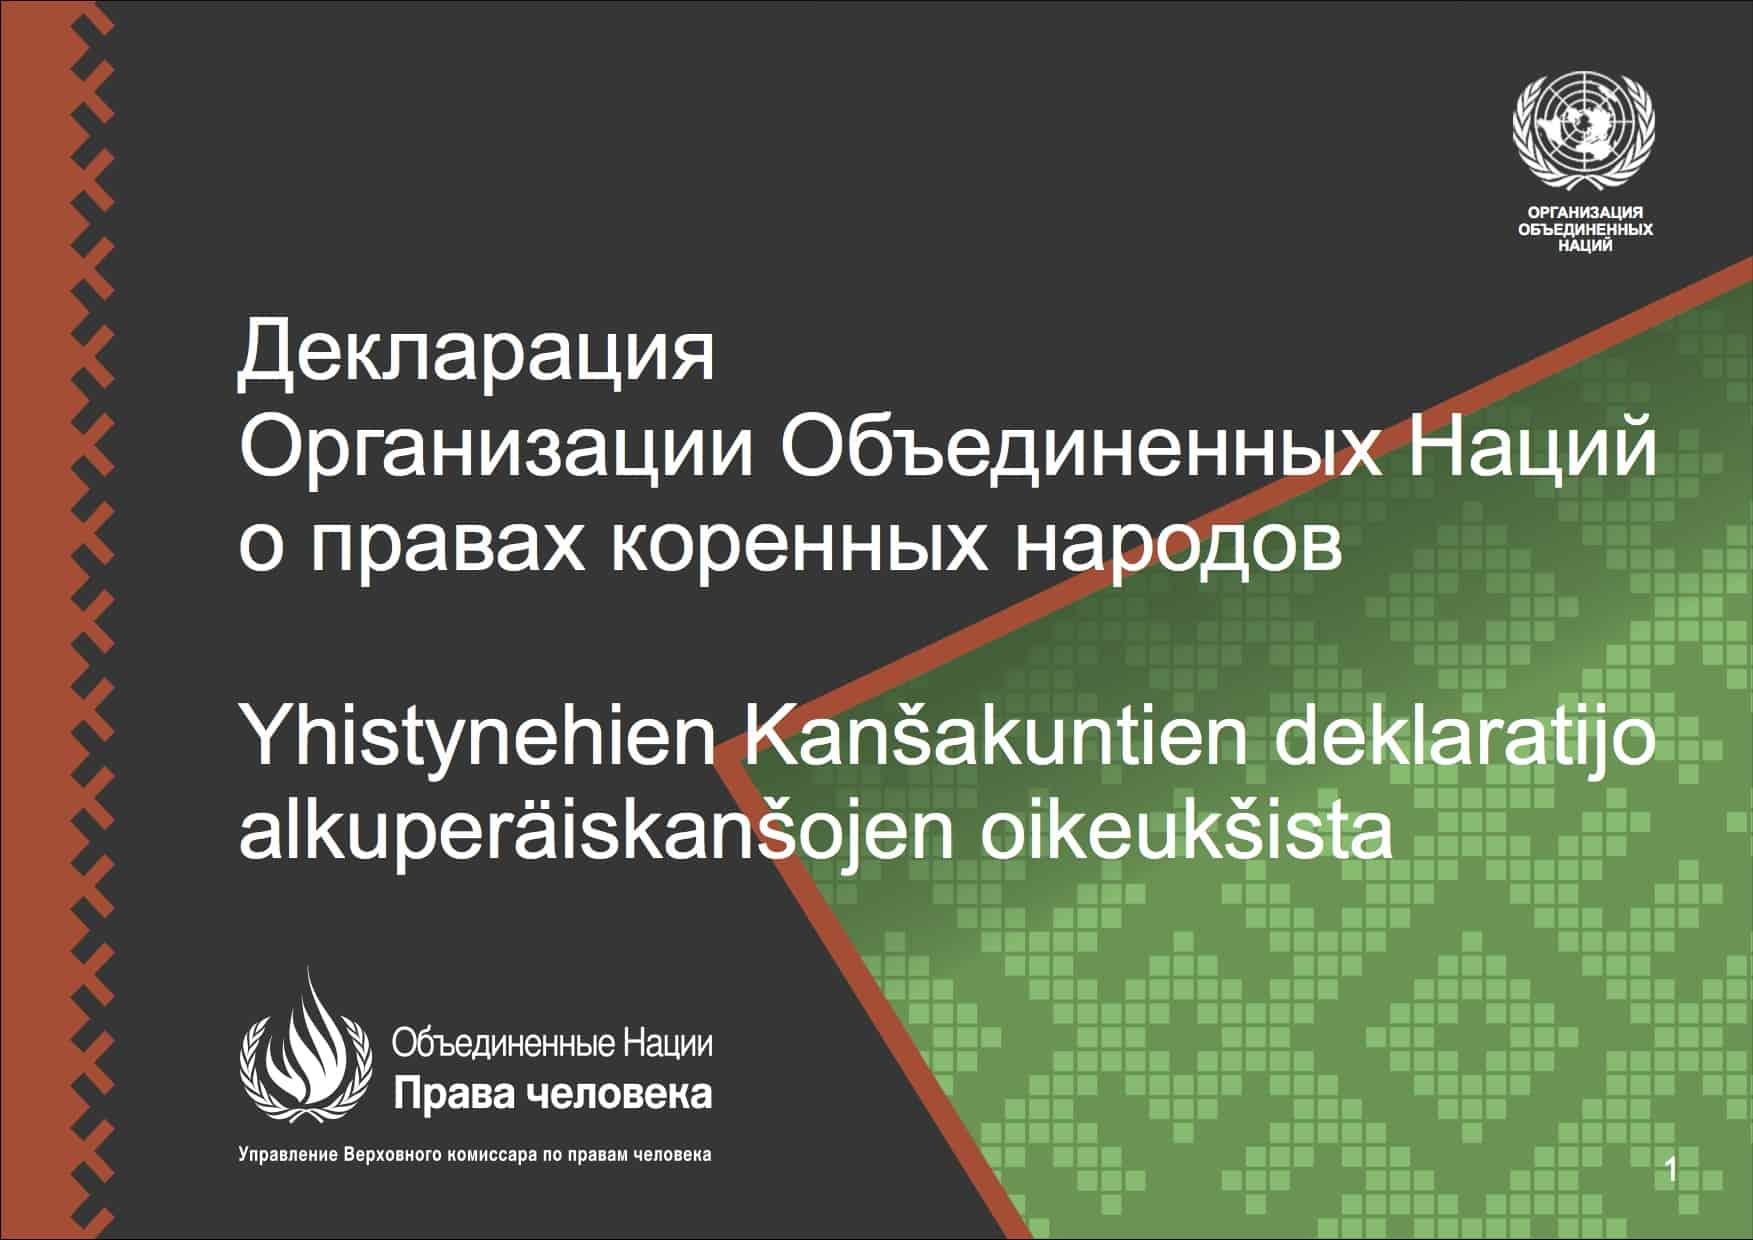 Декларация ООН о правах коренных народов переведена на карельский и вепсский языки